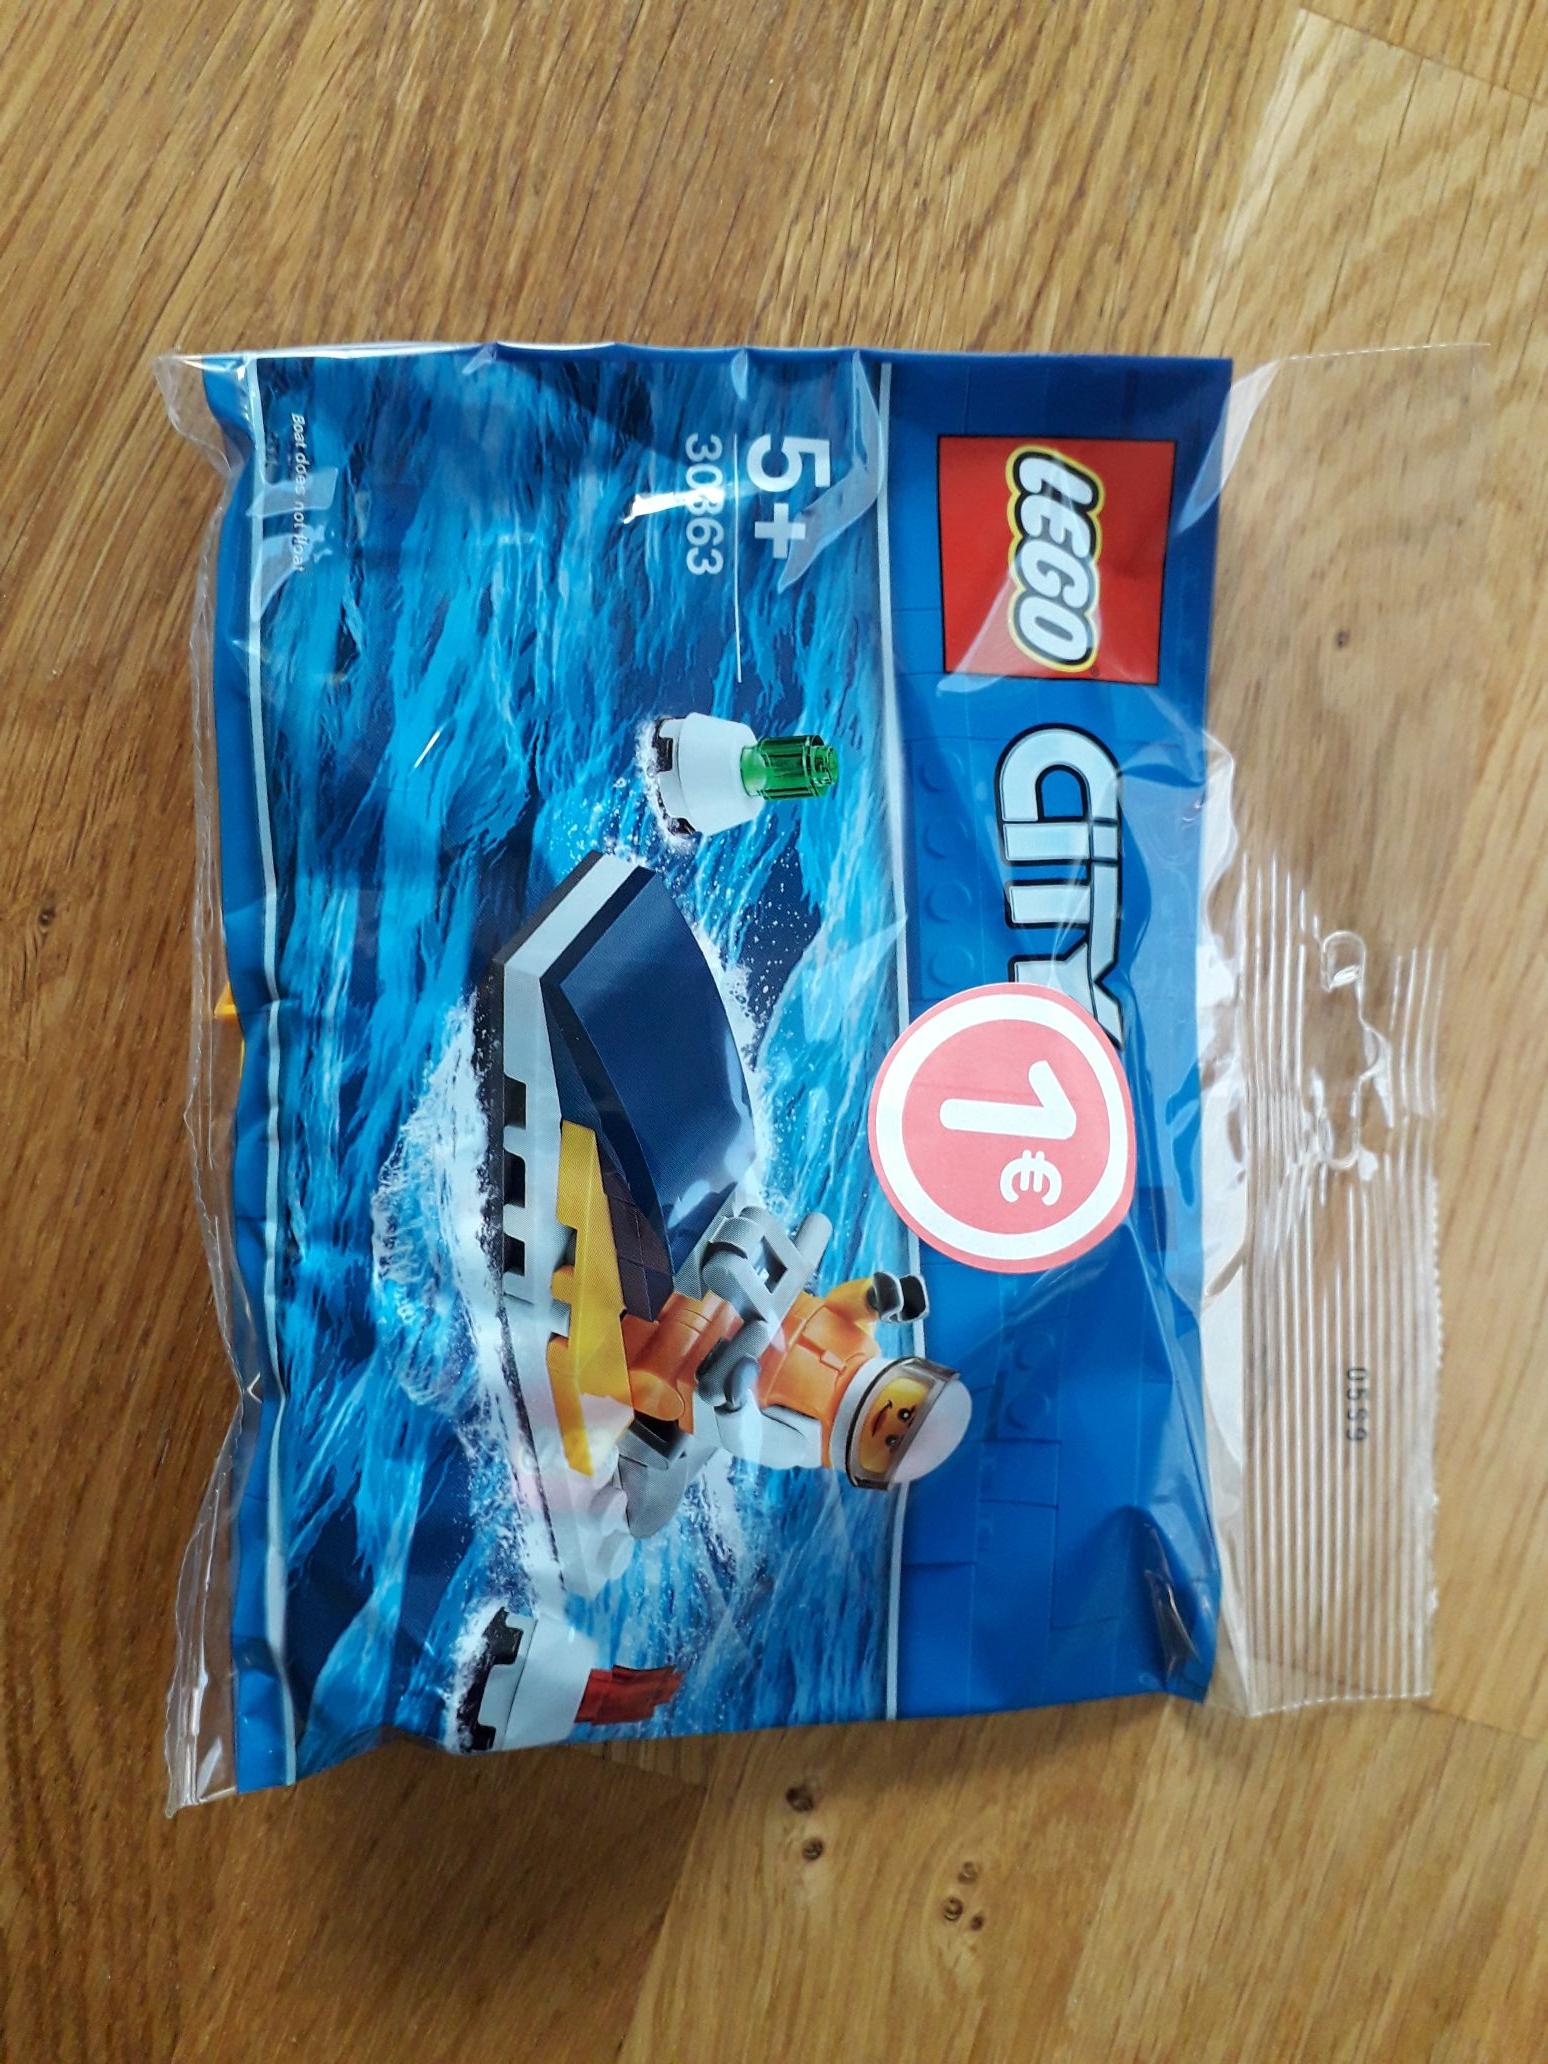 Mini-figurine Lego City Jet Ski Adventure 30853 en Sachet - Fleury-les-Aubrais (45)